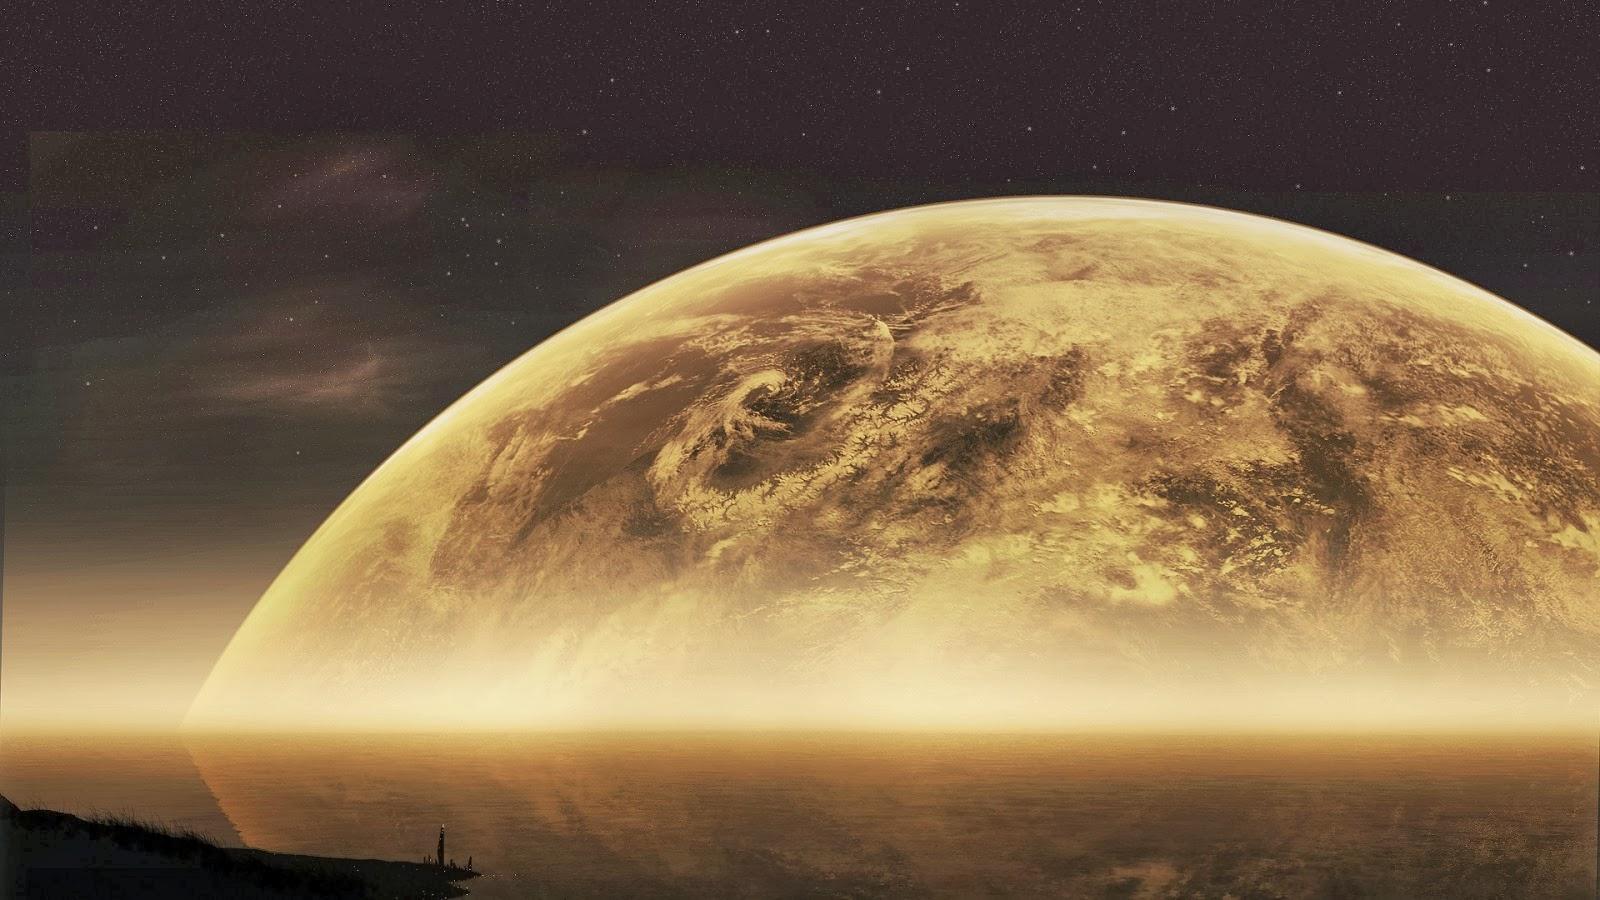 صورة اجمل صور للقمر , احلى خلفيات عن القمر